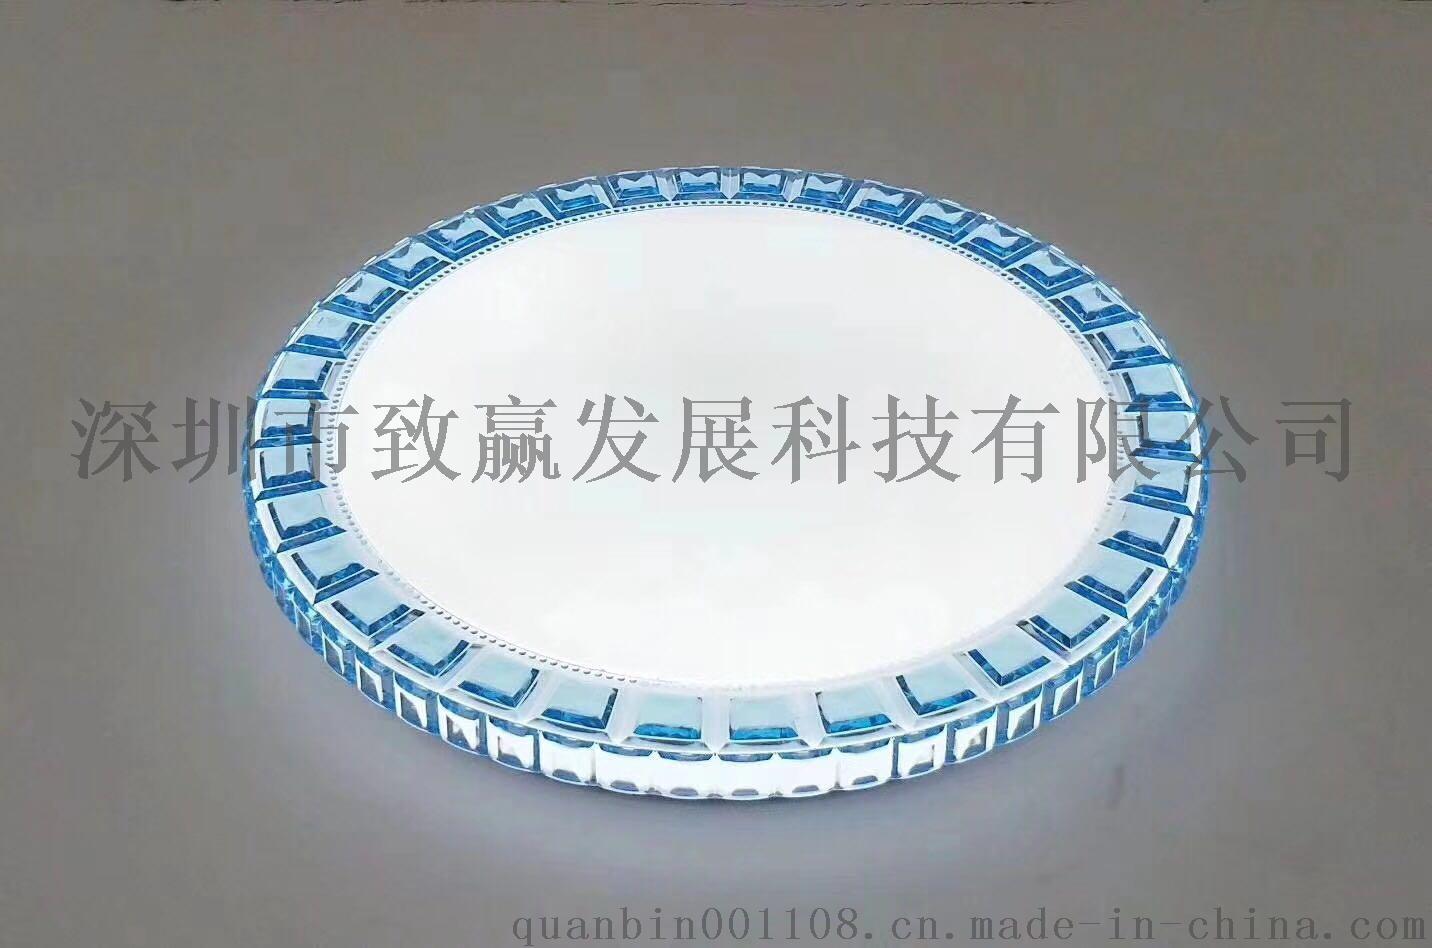 微信图片_20180327095210.jpg